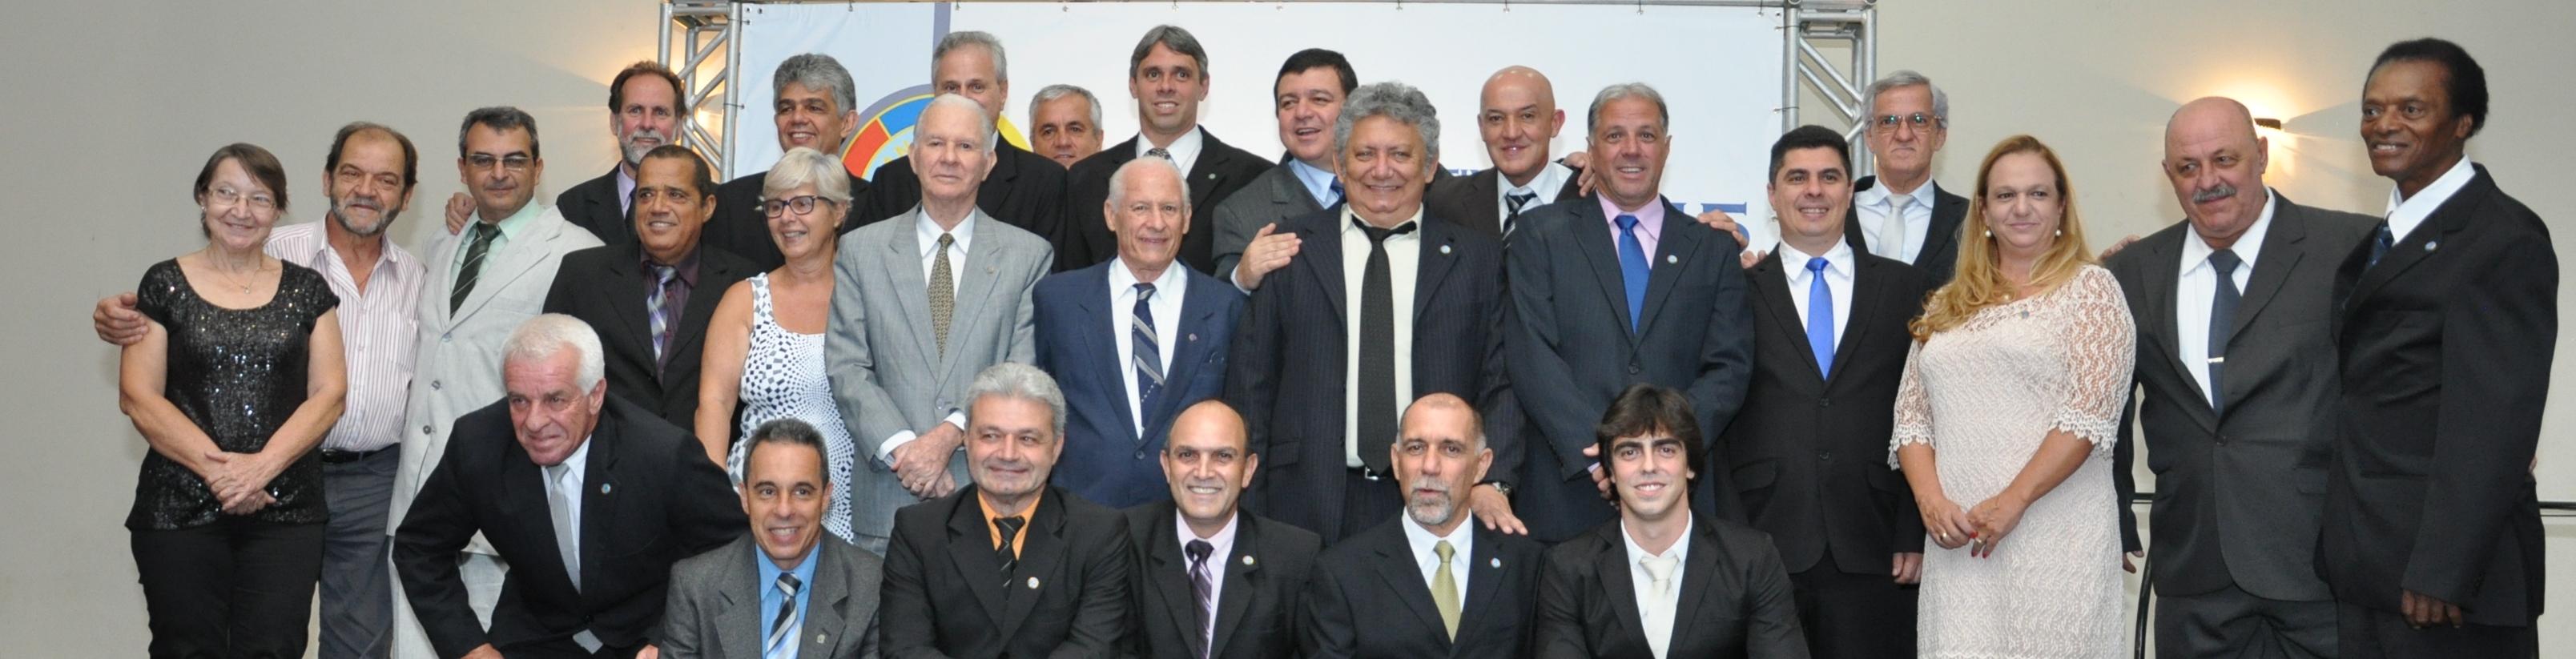 Panathlon Club divulga relação de agraciados com Mérito Esportivo 2016 e Comenda Carlos de Campos Sobrinho